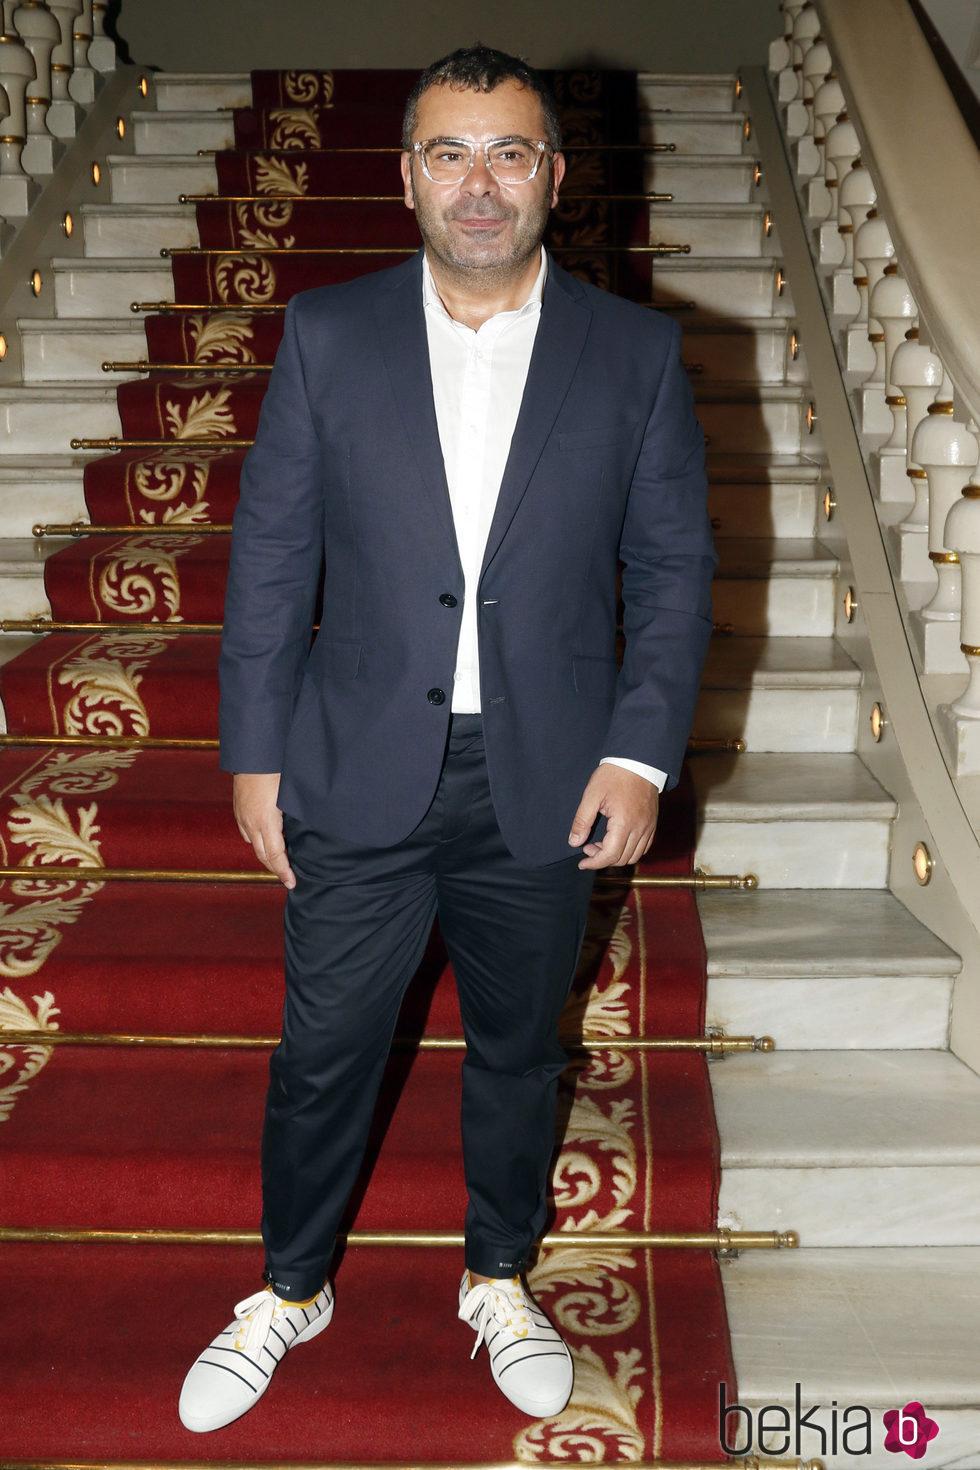 Jorge Javier Vázquez en la presentación de 'Iba en serio' en Barcelona